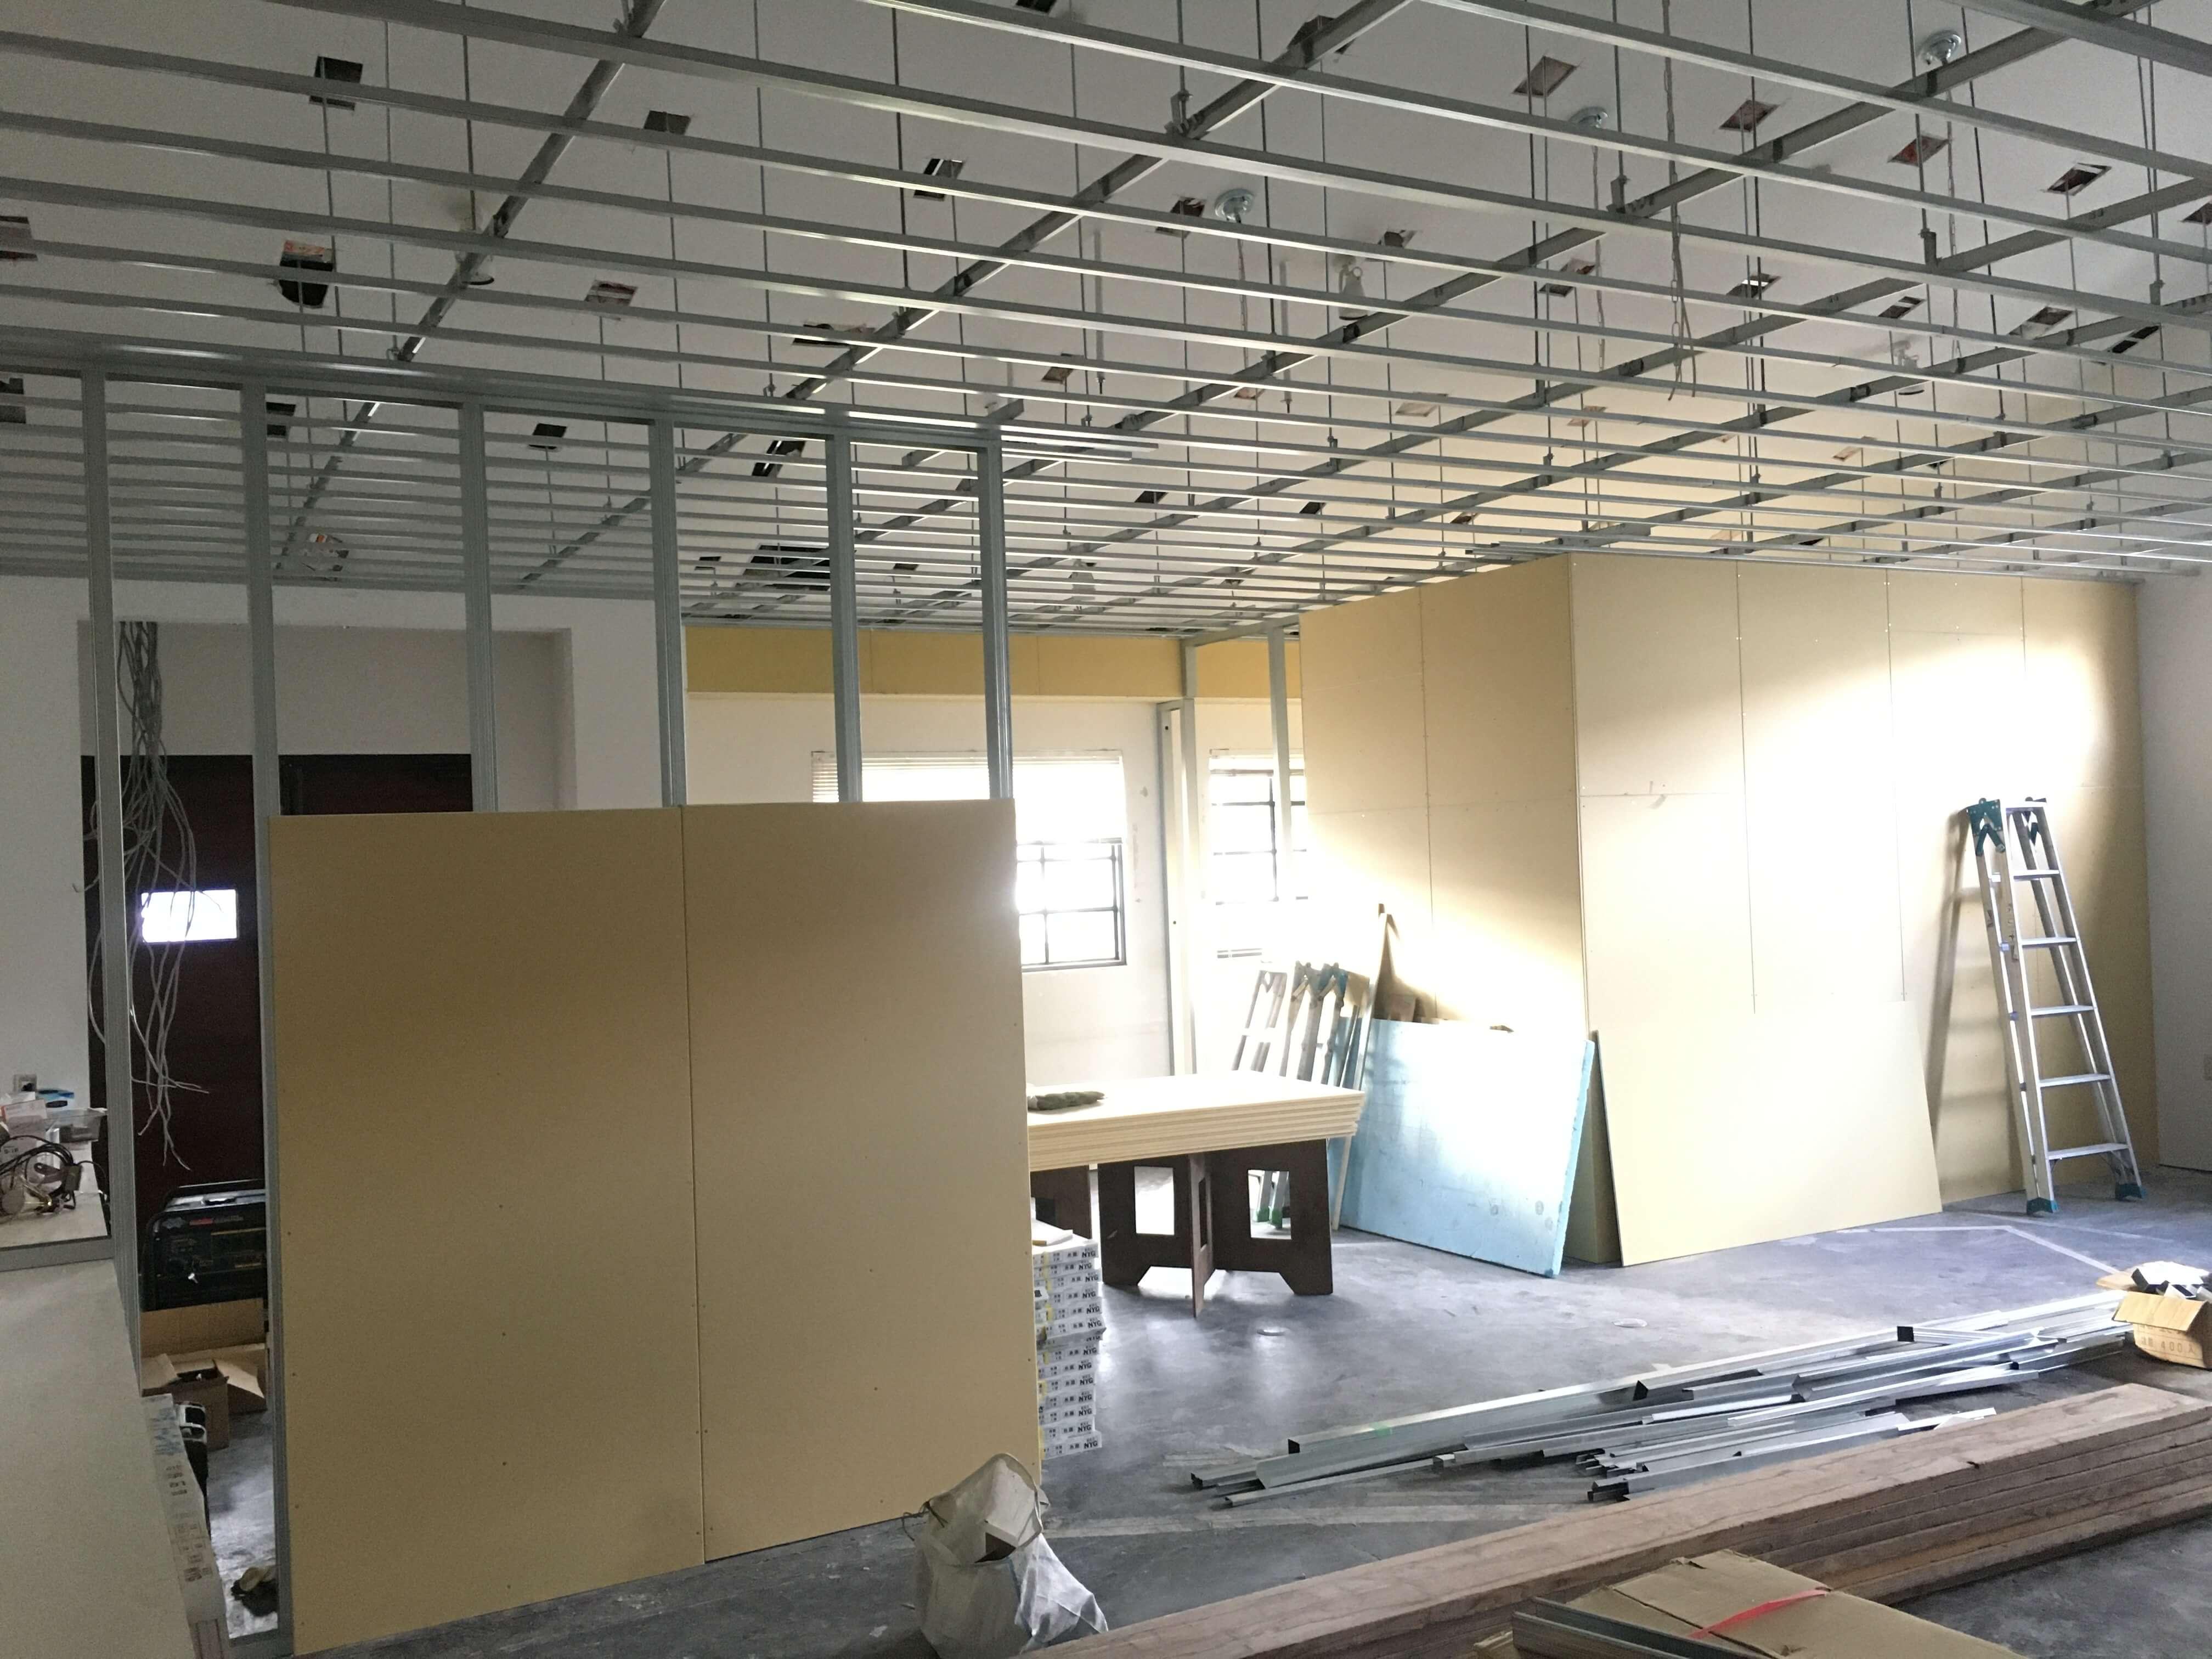 不要なものを撤去し、天井と壁を新設していきます